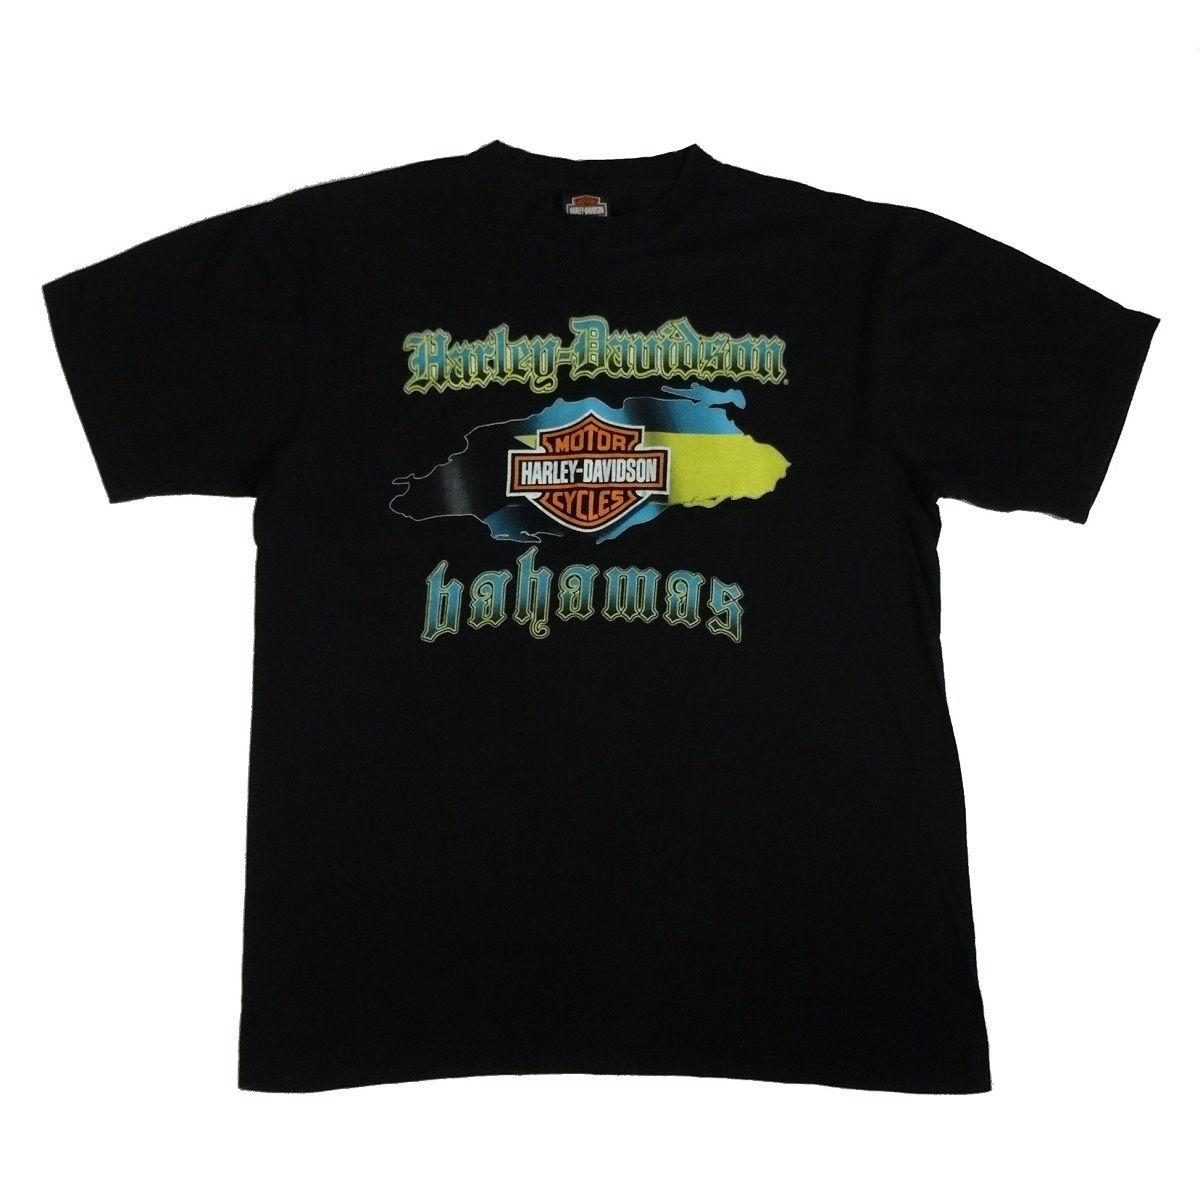 bahamas harley davidson t shirt front